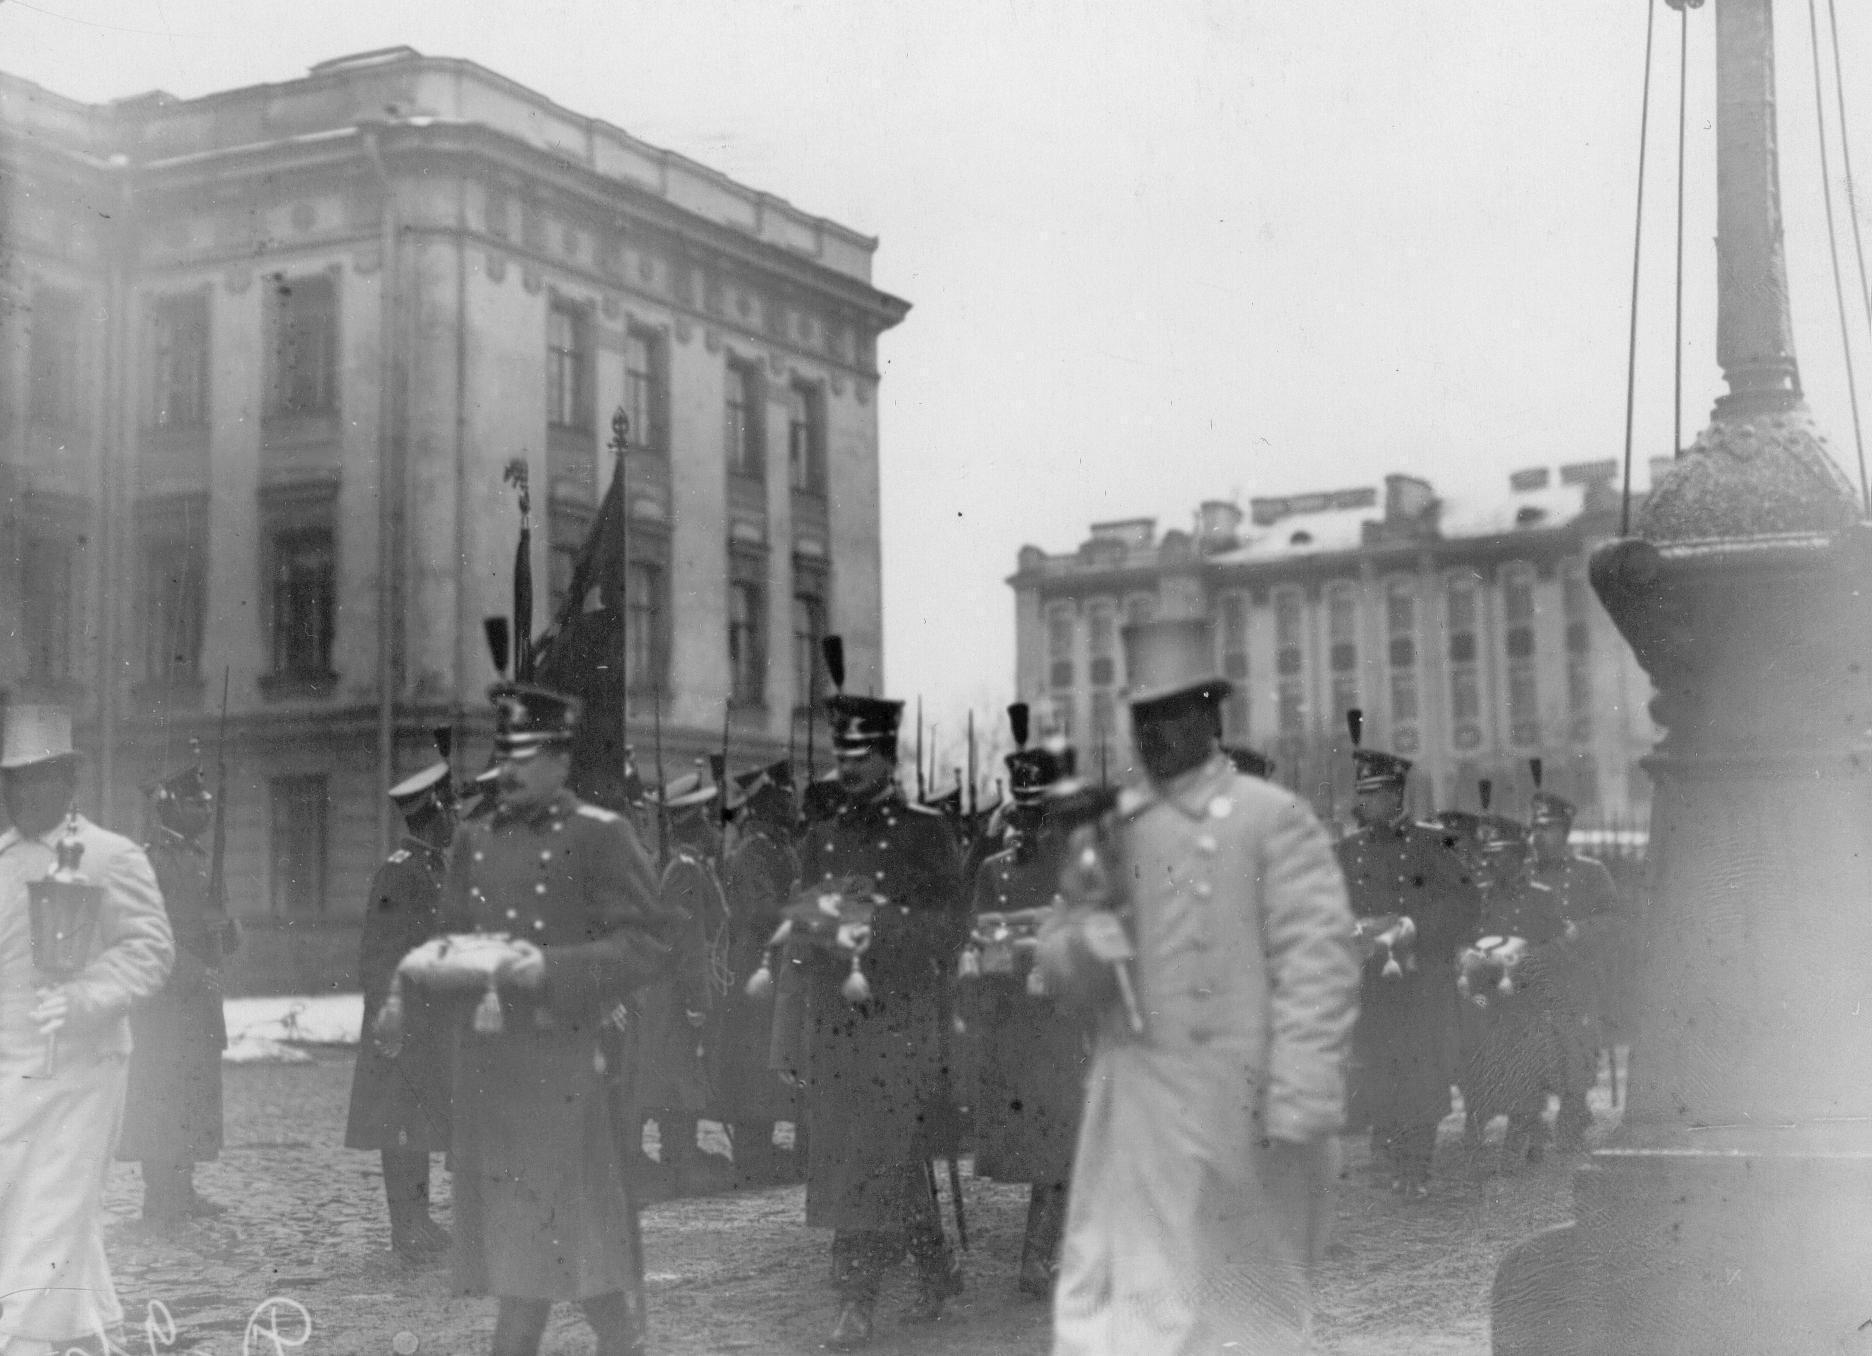 Офицеры батальона - участники похорон командующего батальоном, военного инженера, генерал-адъютанта Николая I  Карла Андревича Шильдера